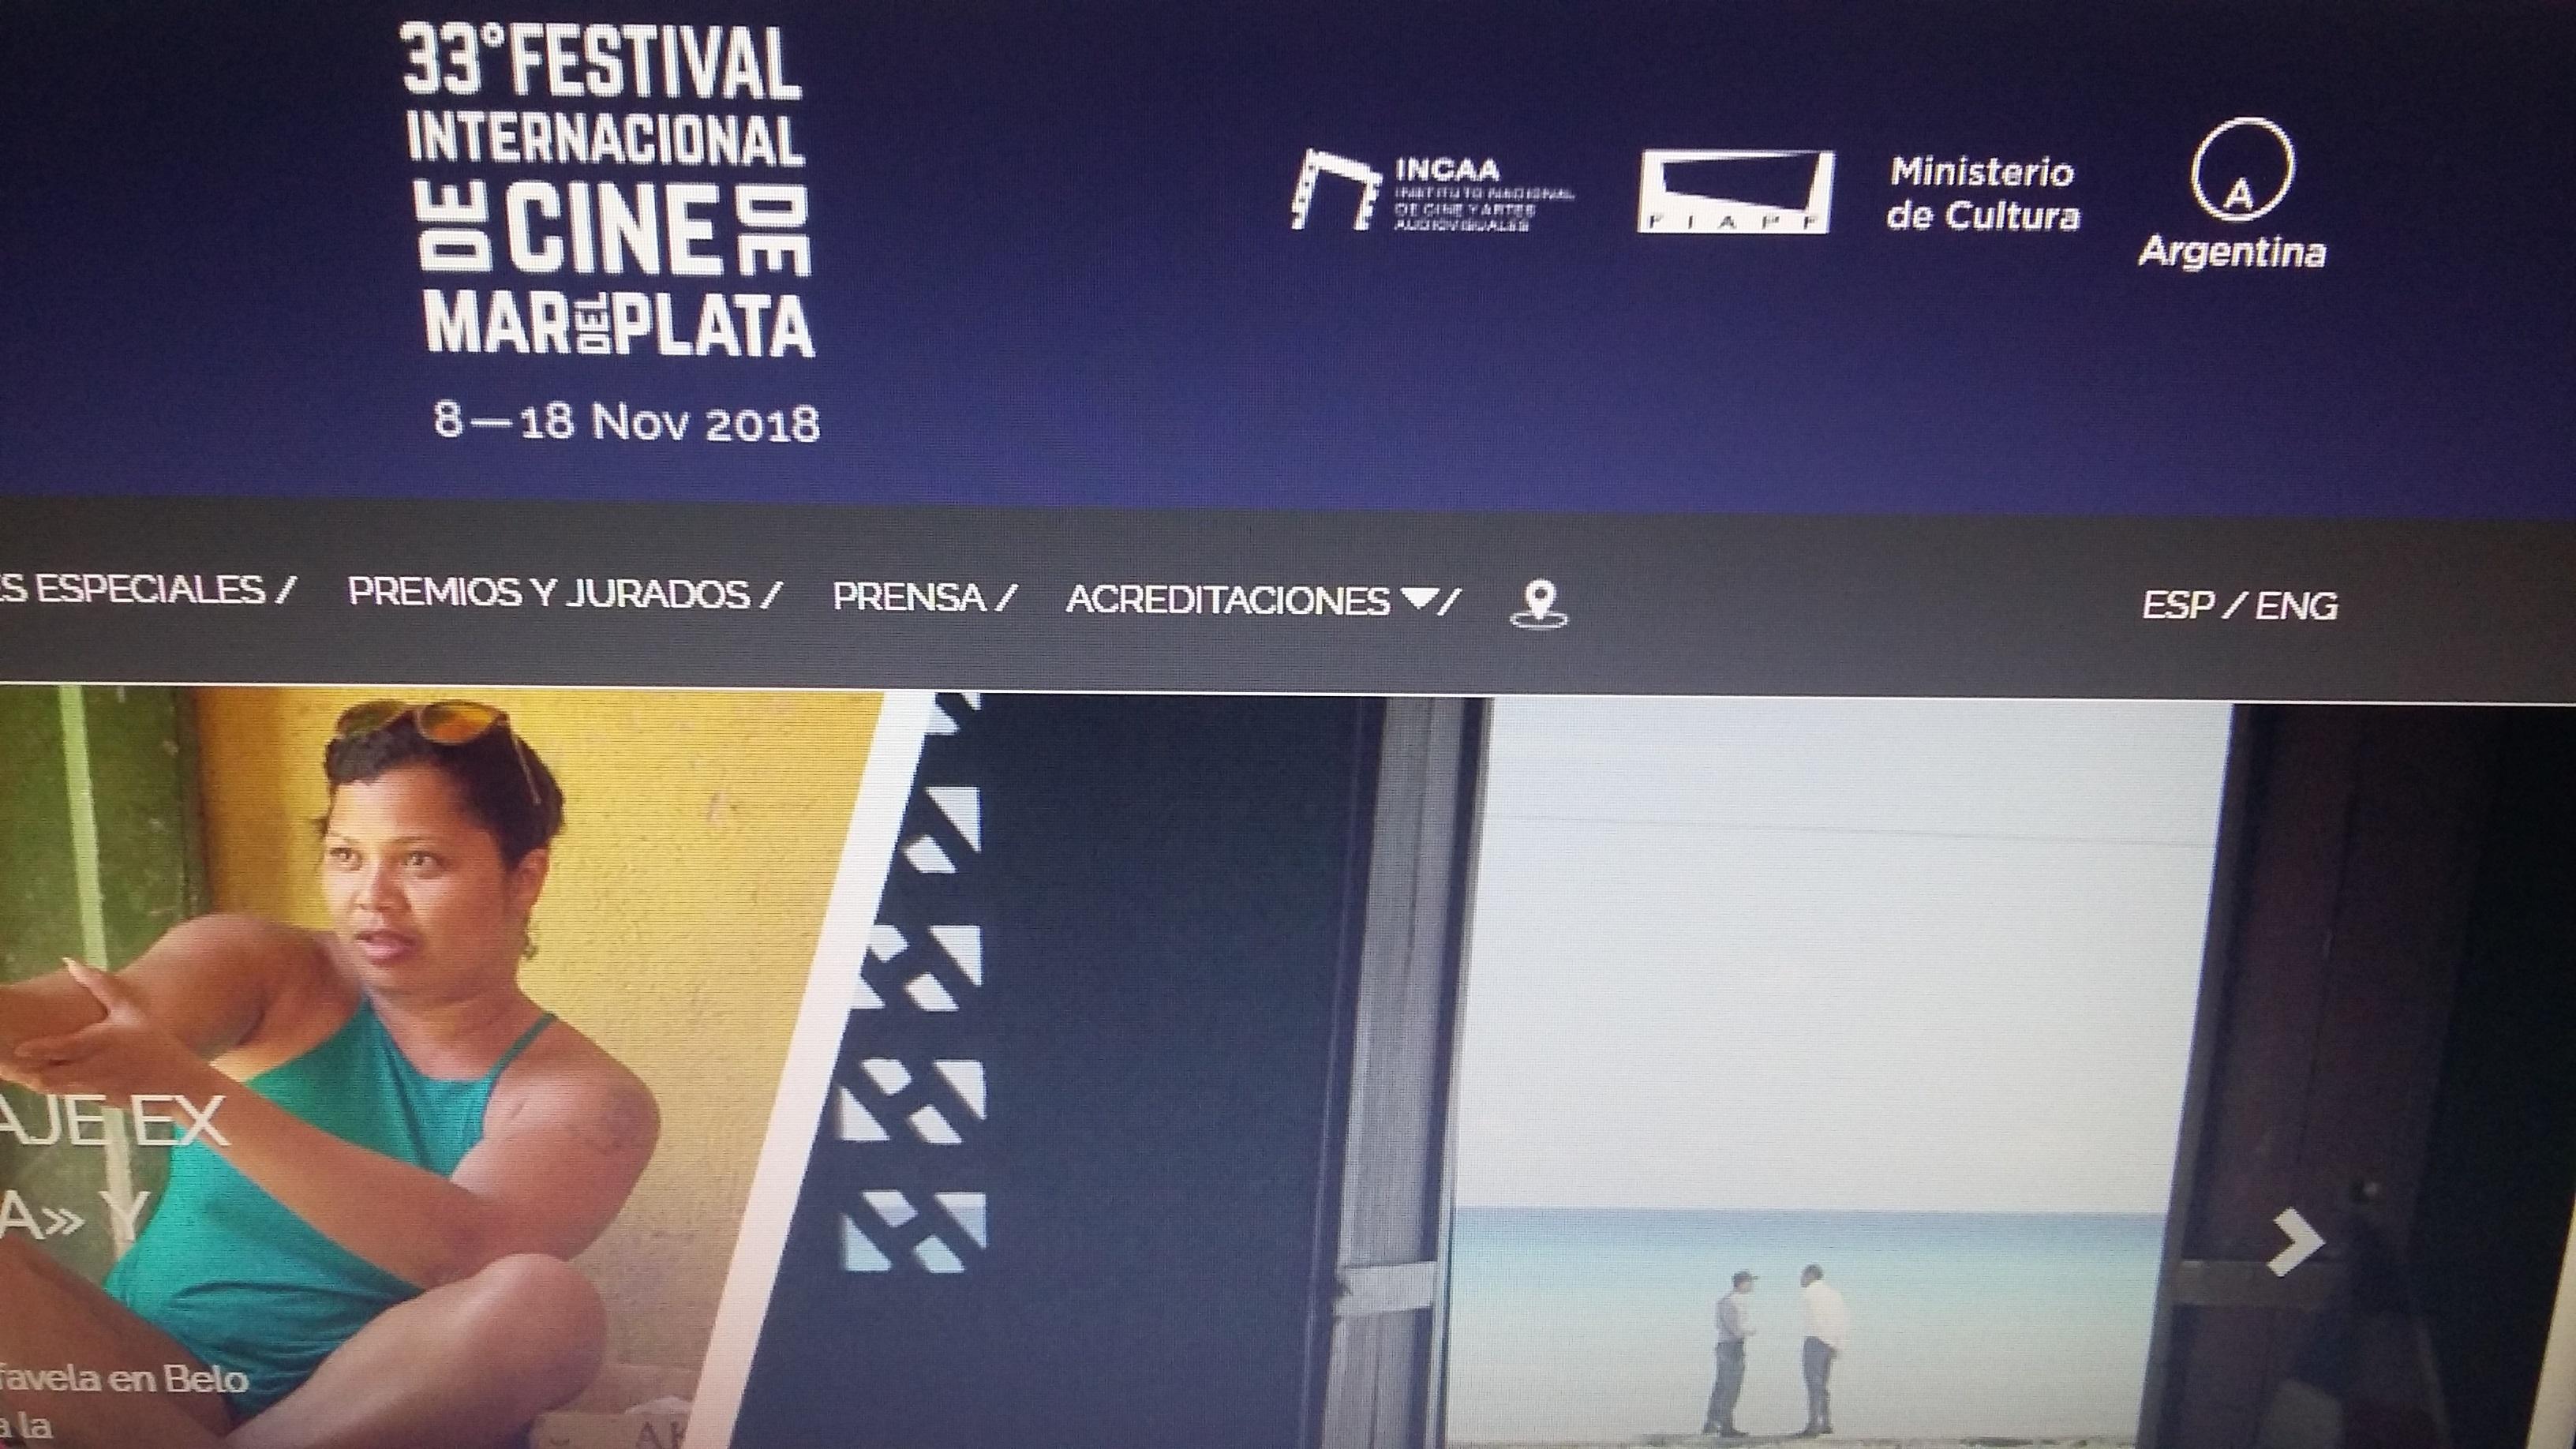 La página oficial del Festival con la fecha anterior.